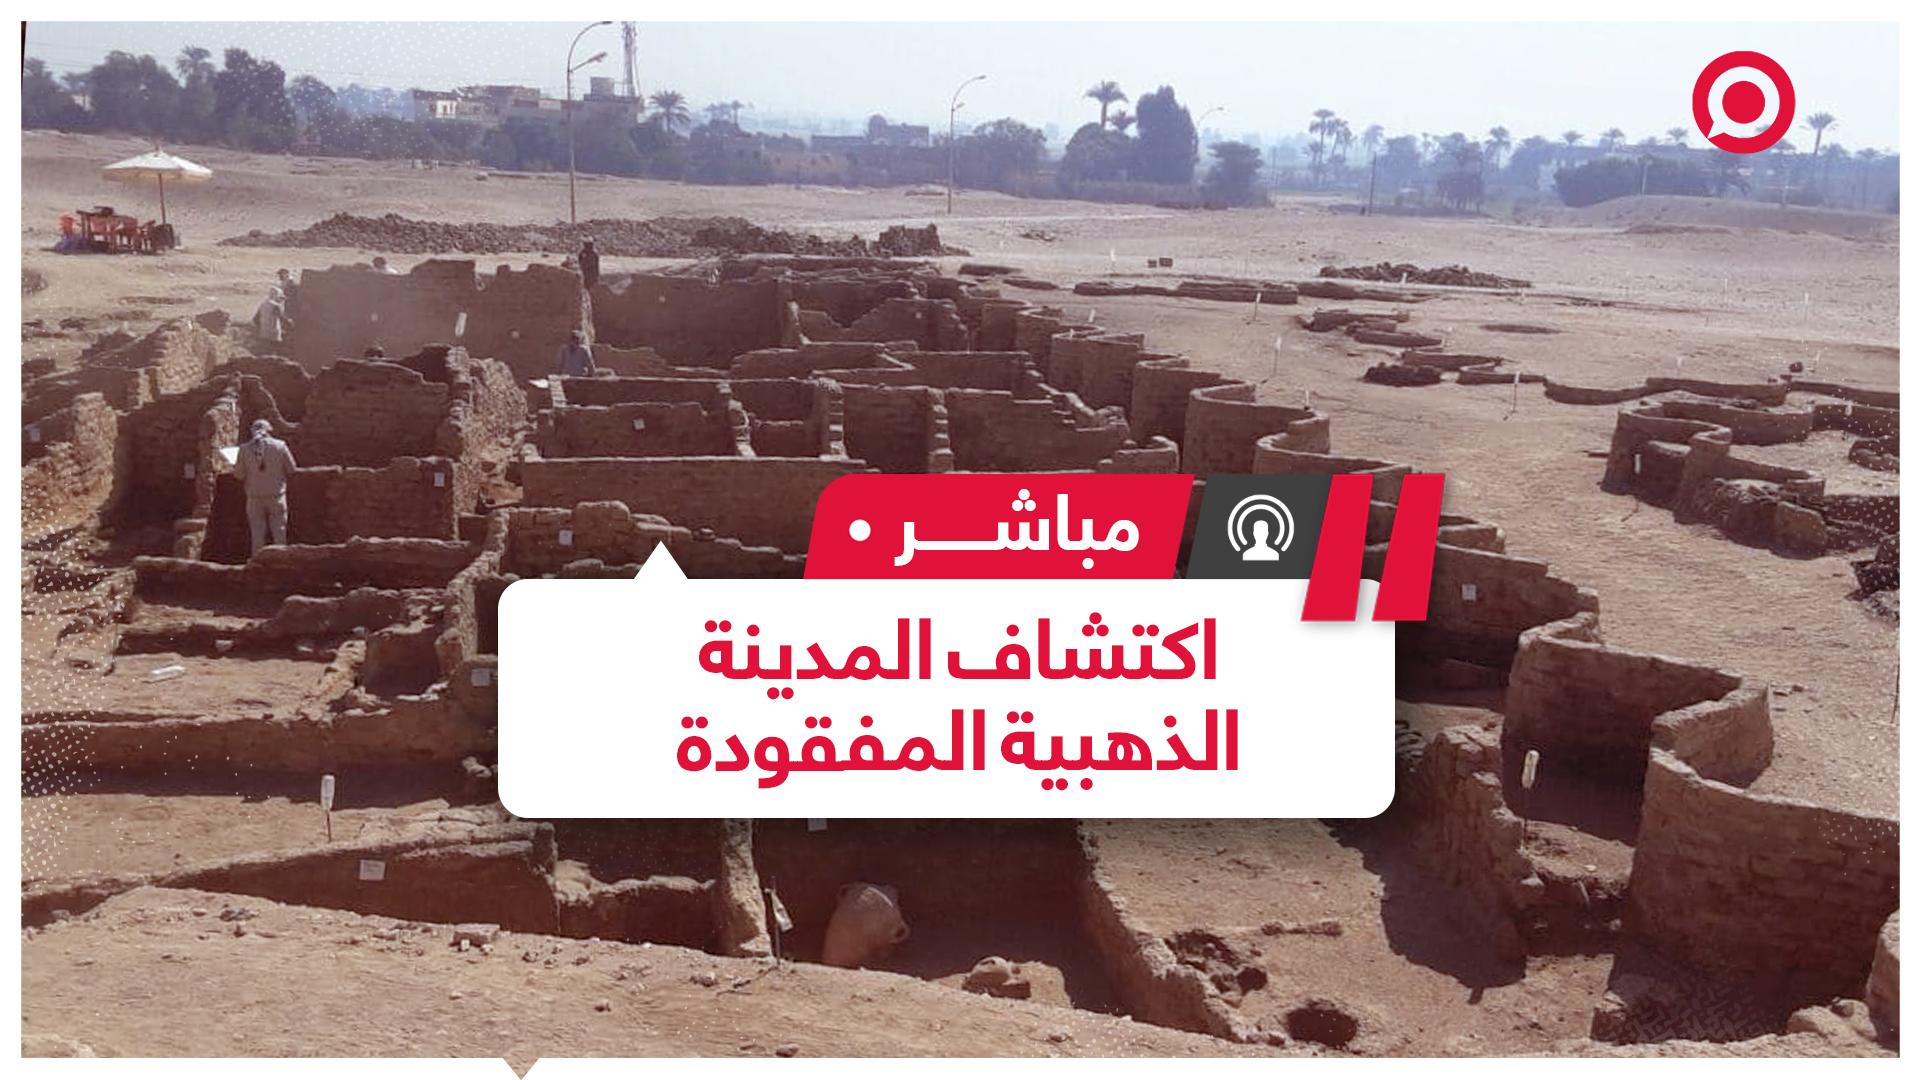 البعثة المصرية تعلن عن اكتشاف المدينة الذهبية المفقودة تحت الرمال